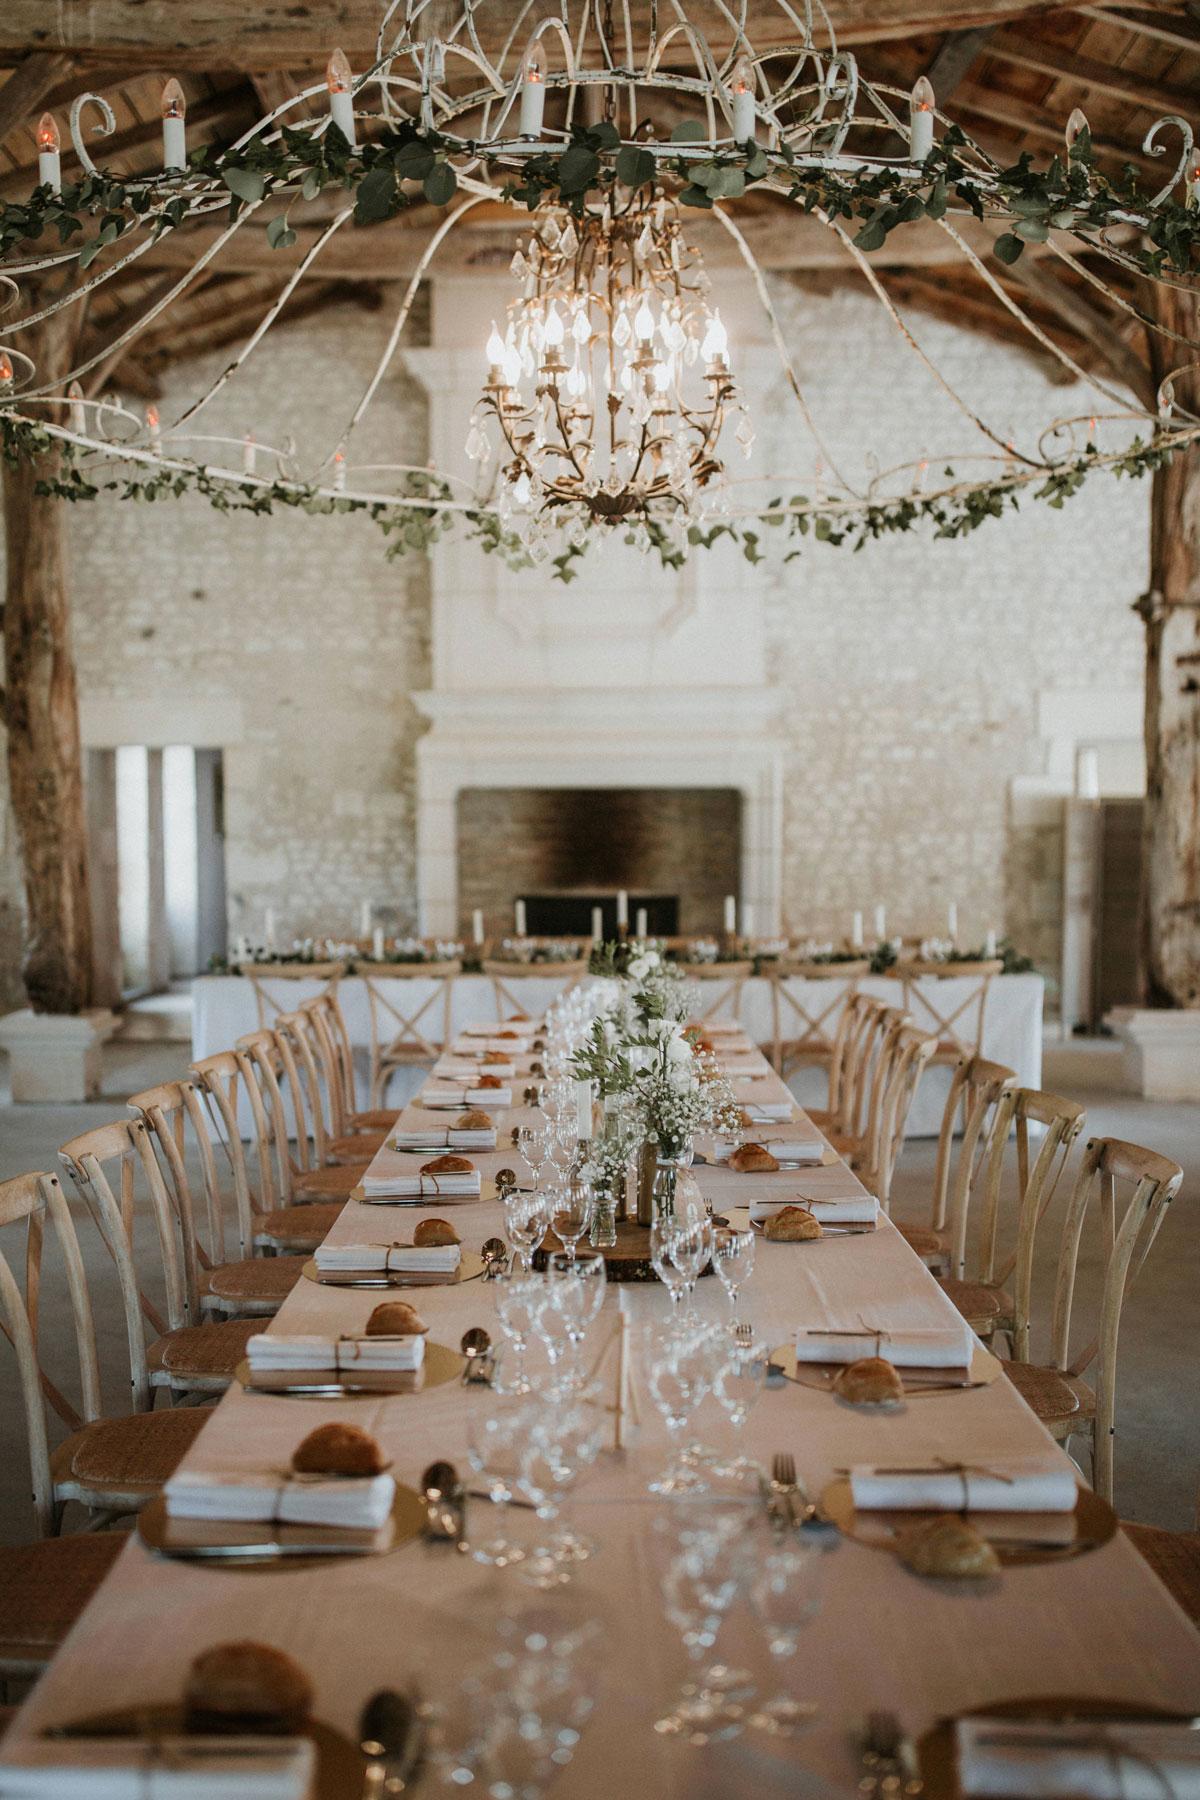 Mariage-naturel-et-vegetal-decoration-de-table-et-lustre-studio-aloki-2